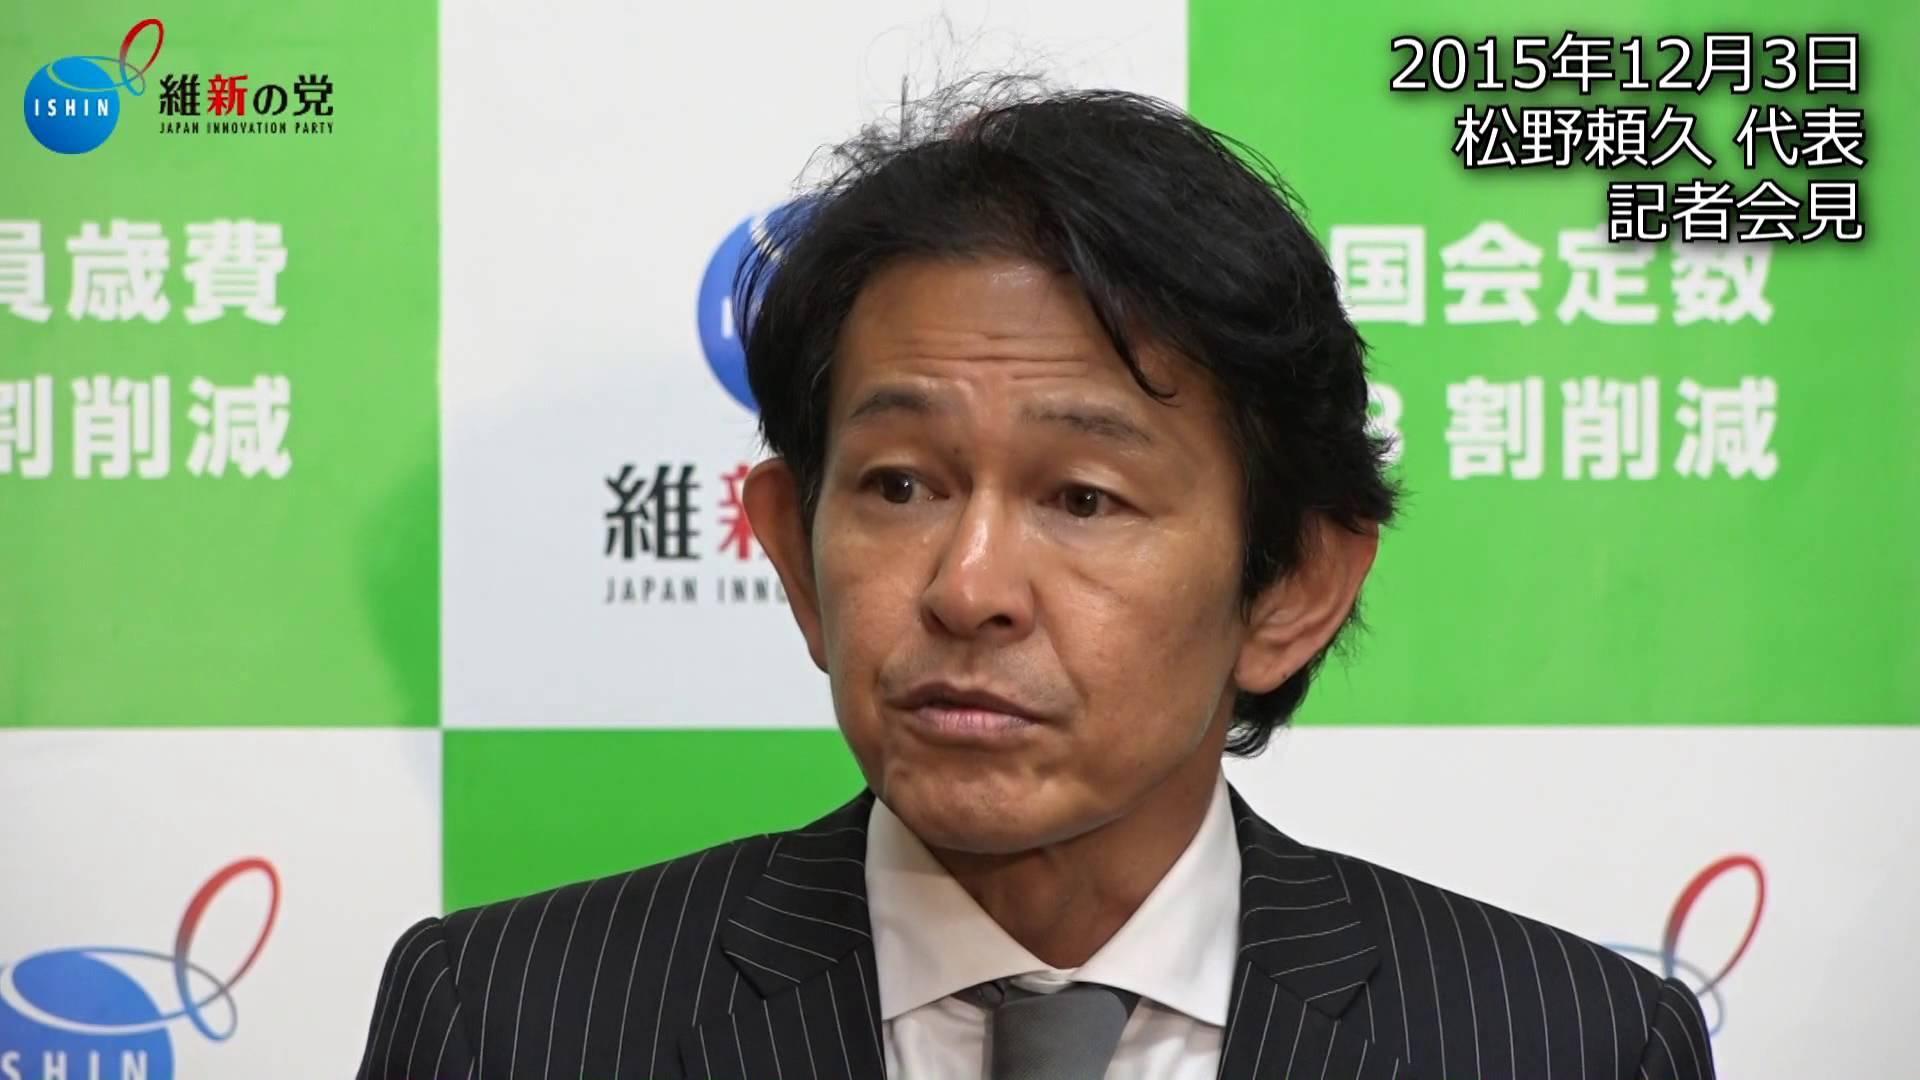 維新・松野氏 時事通信に怒り露わ「交渉中なので、断定されるのは心外だ!」記者会見 2015.12.3